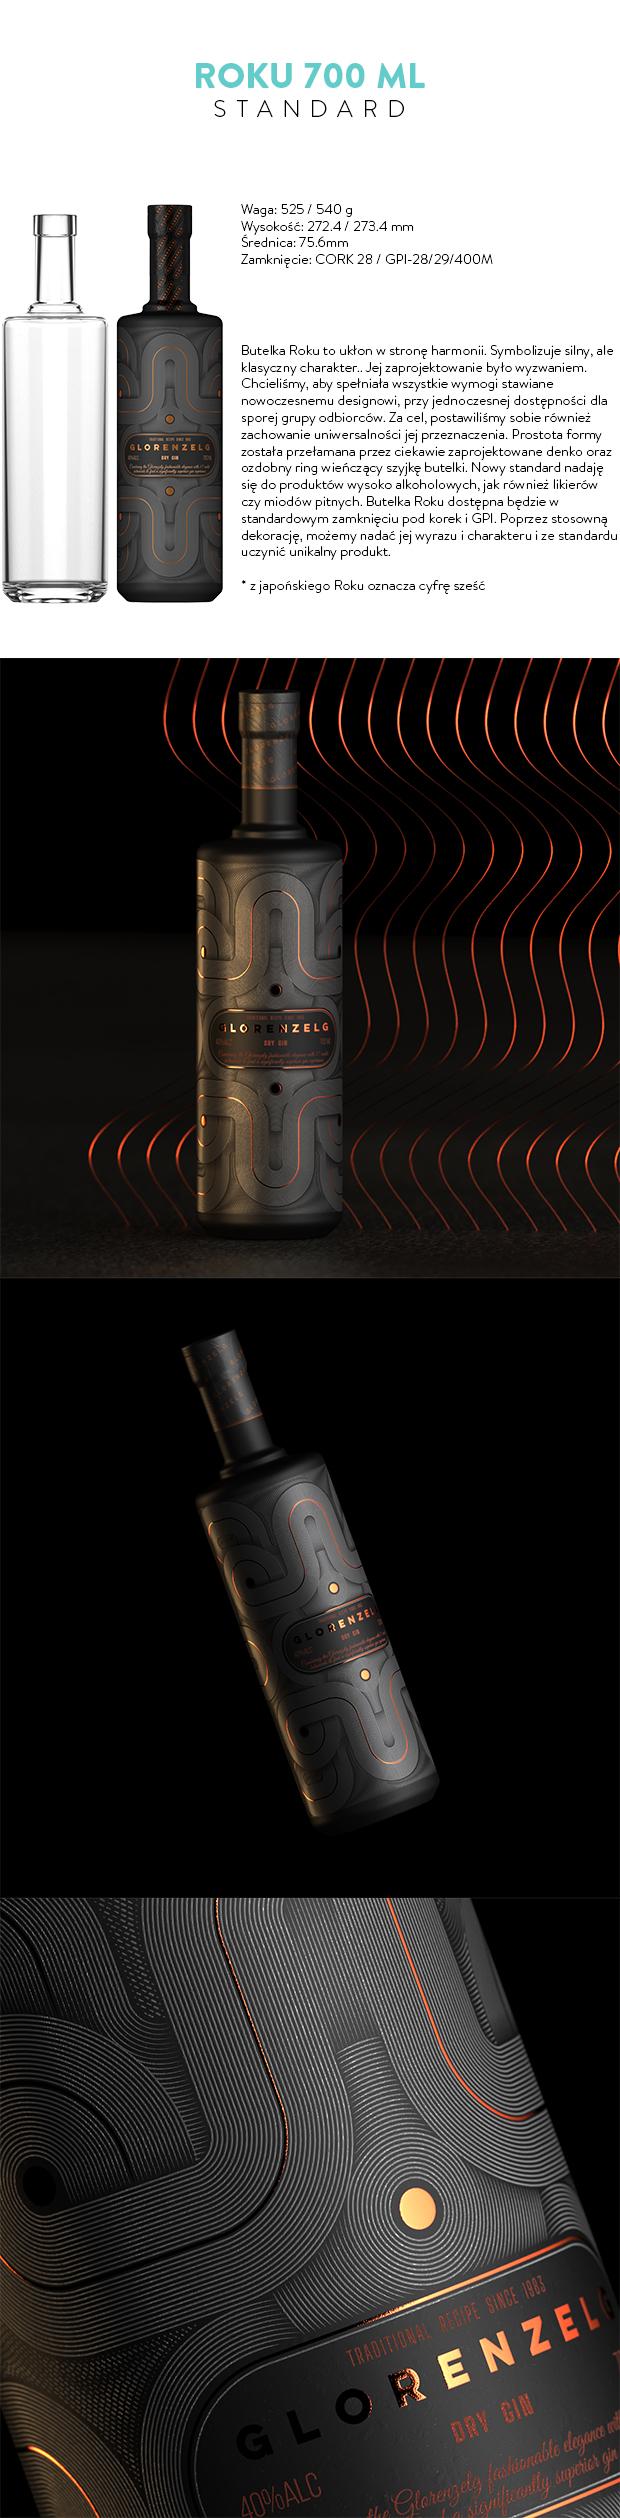 Roku 700ml Standard Bottle  Copy